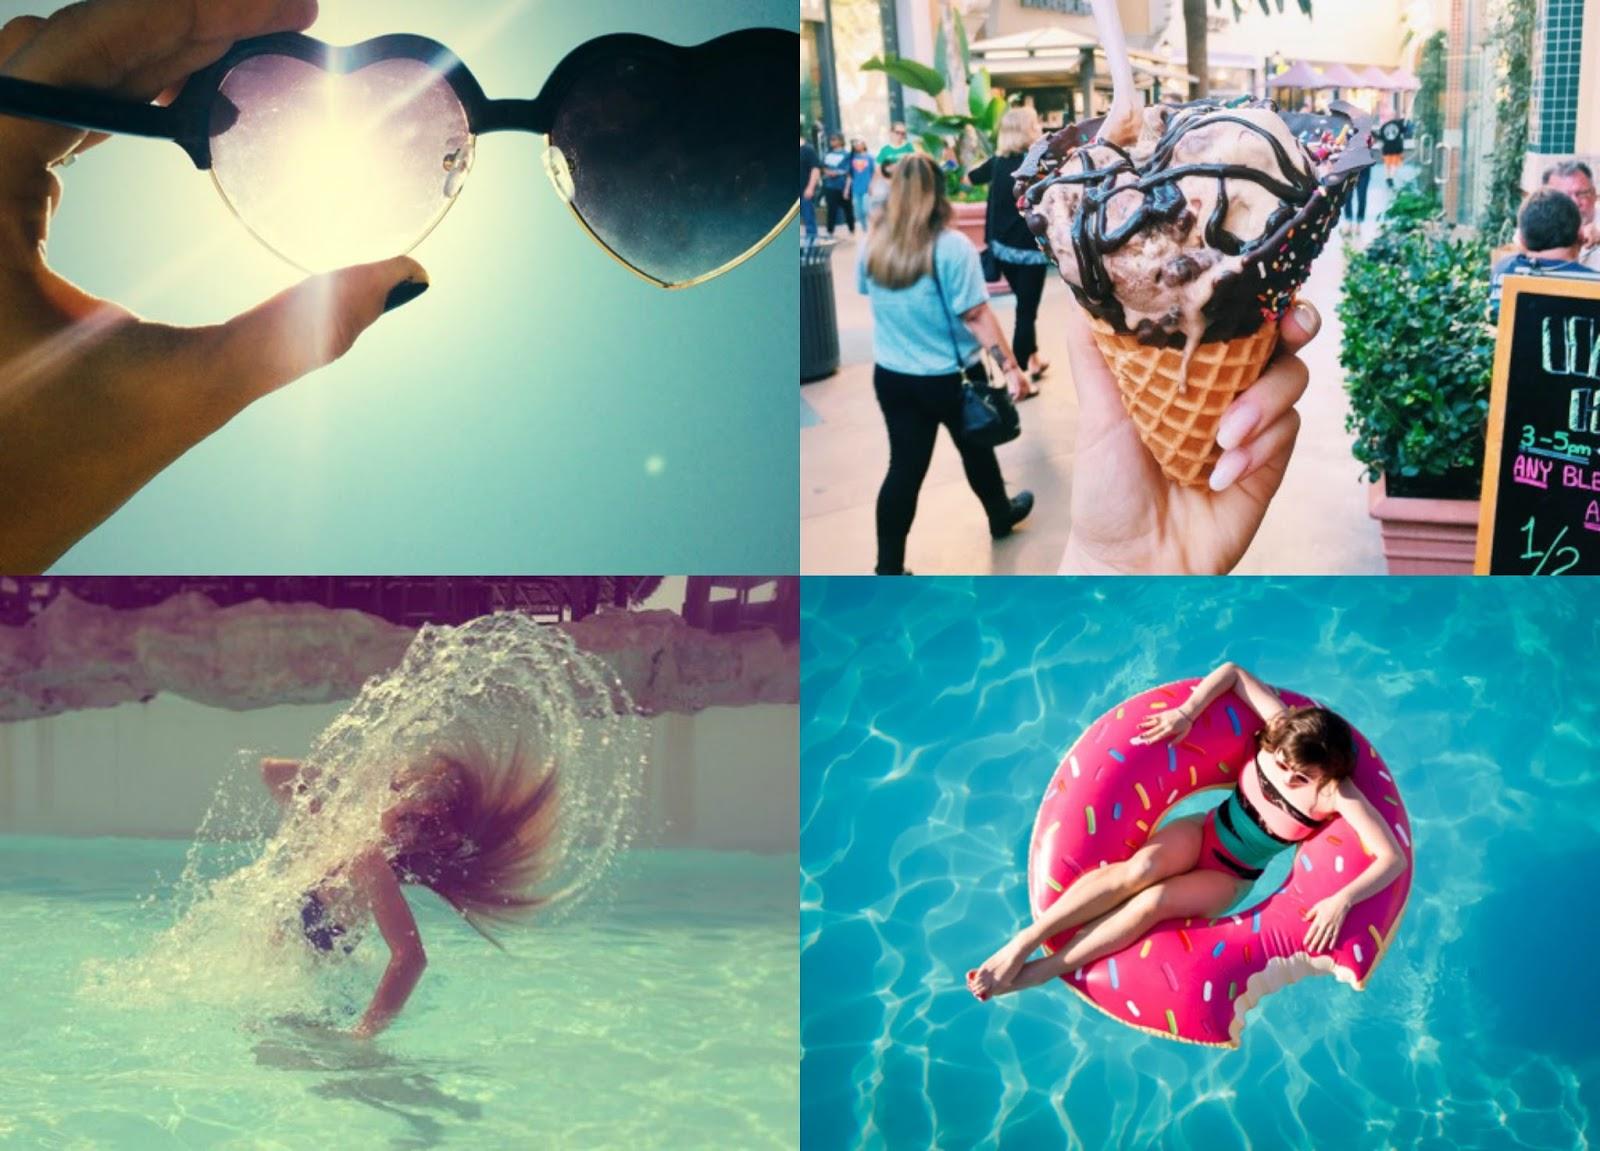 Inspiração para tirar fotos no verão #2